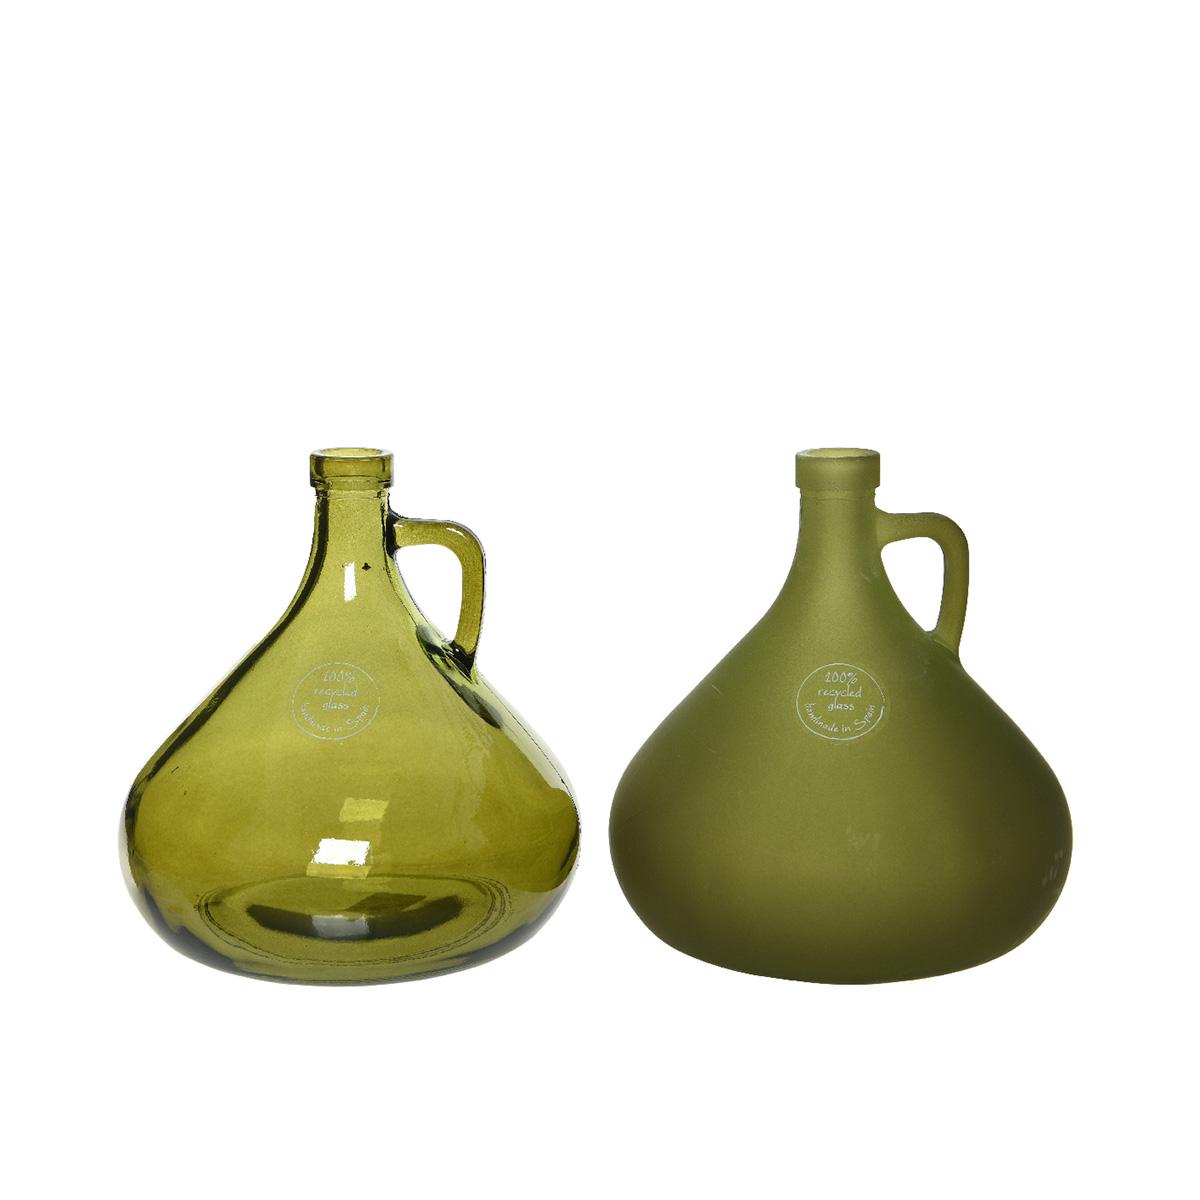 Vaza zelena M 870100